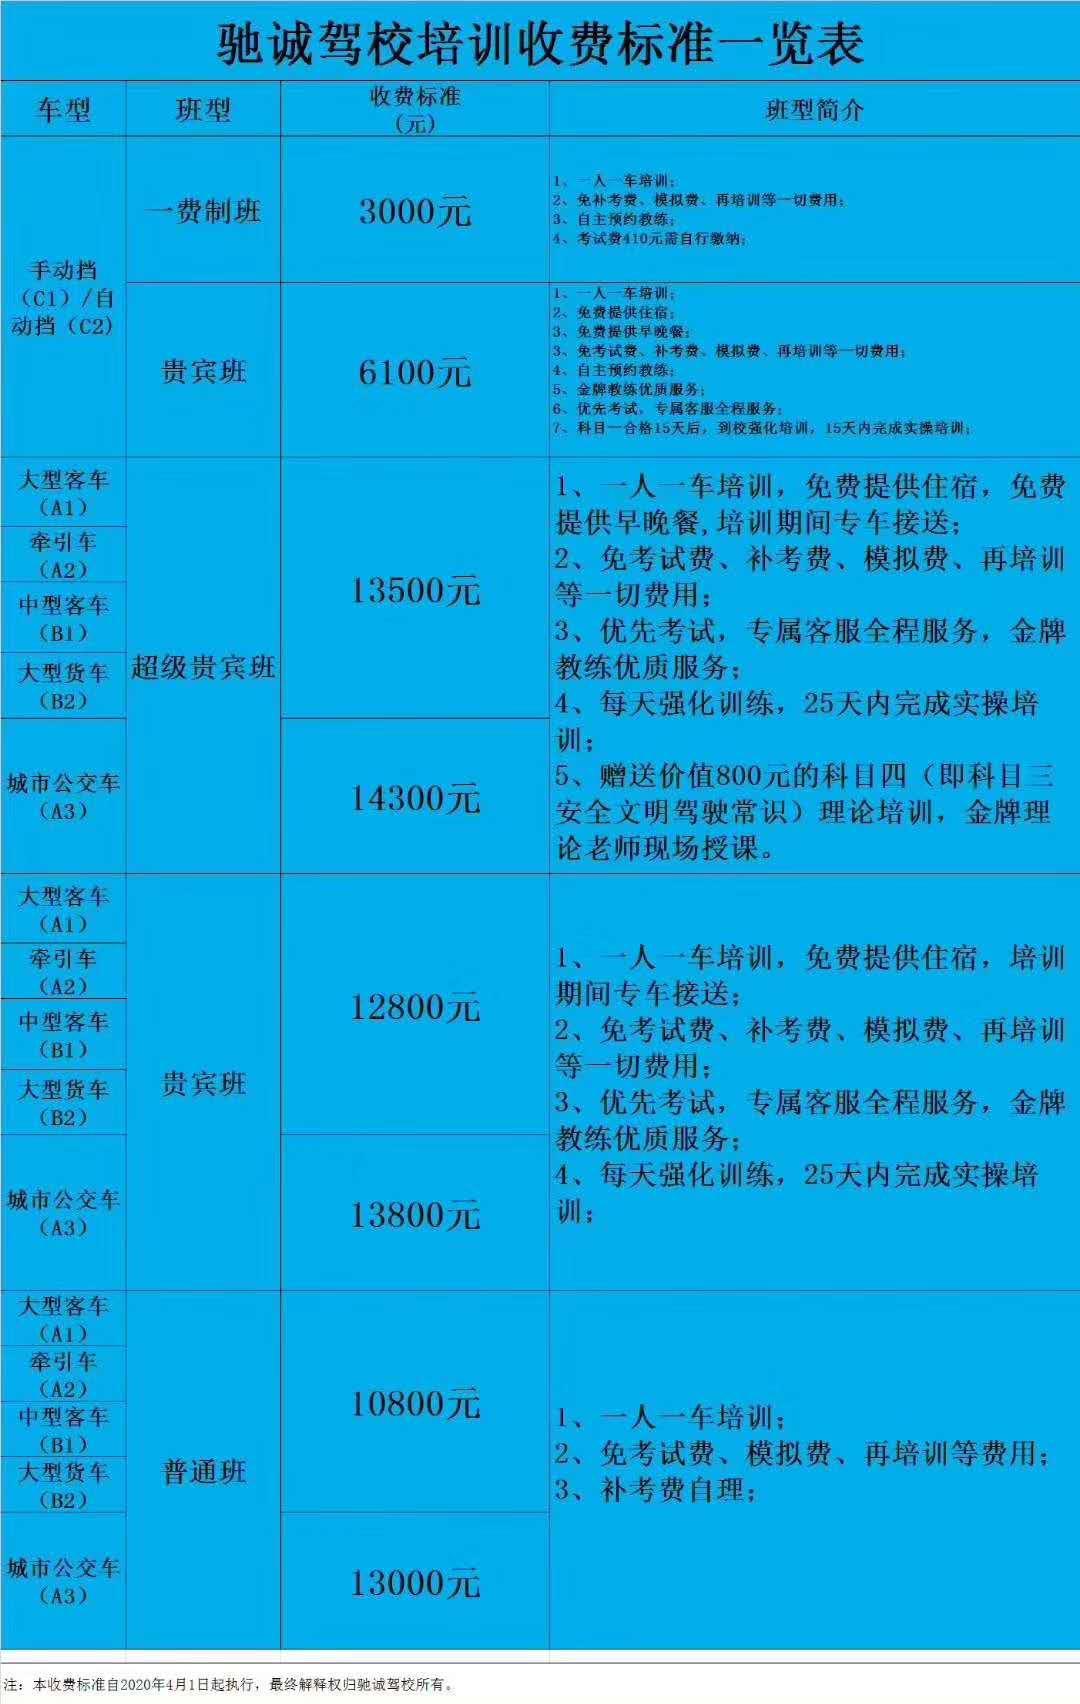 要学车推荐驰诚驾校 - 邓州门户网|邓州网 - 61019ea63023650e0de63bcc7cc9c01.jpg